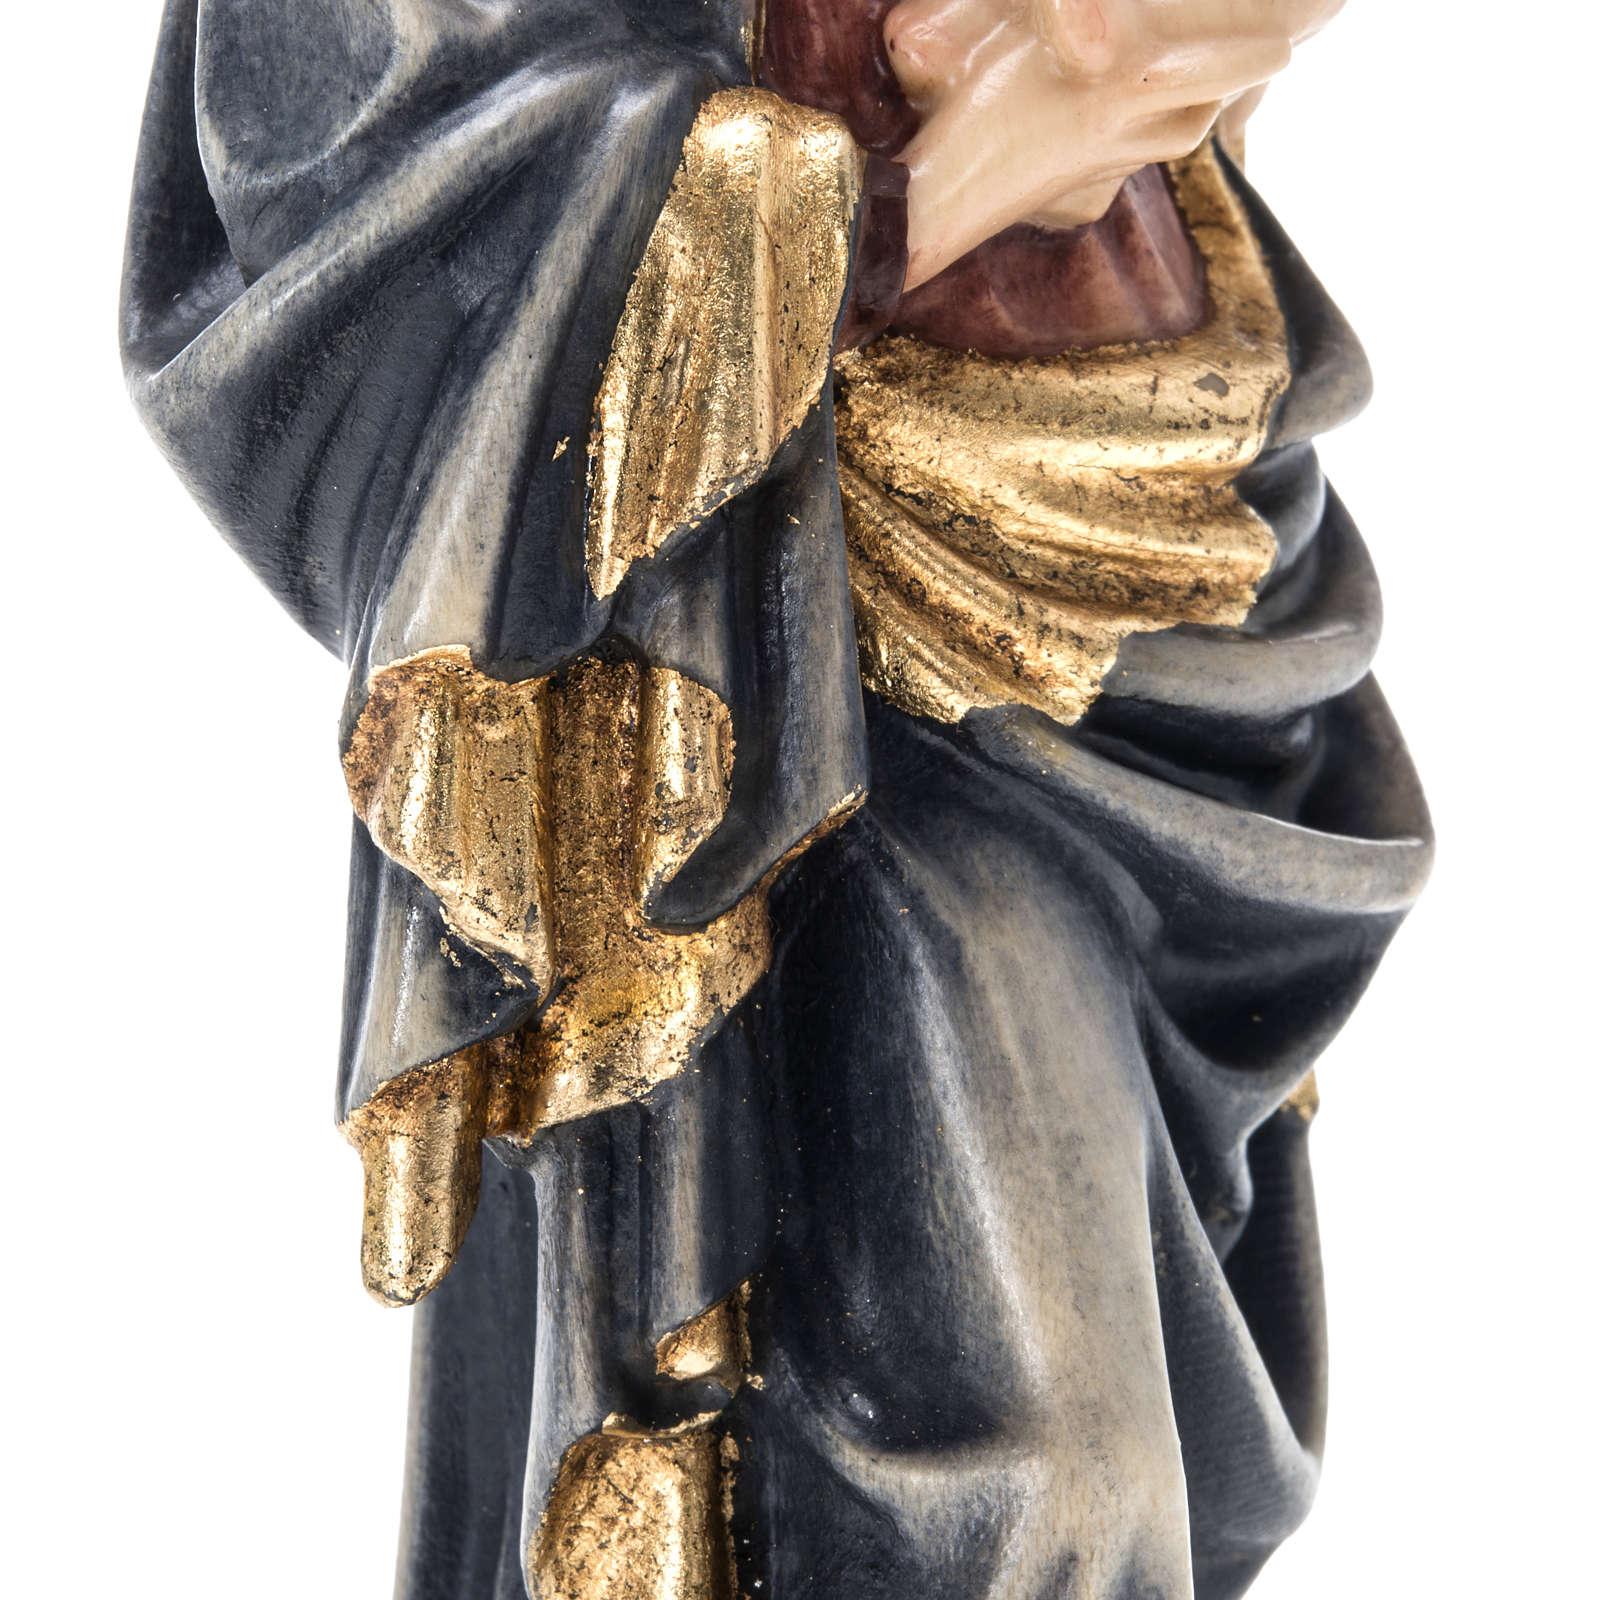 Grödnertal Holzschnitzerei Madonna von Krumauer 4